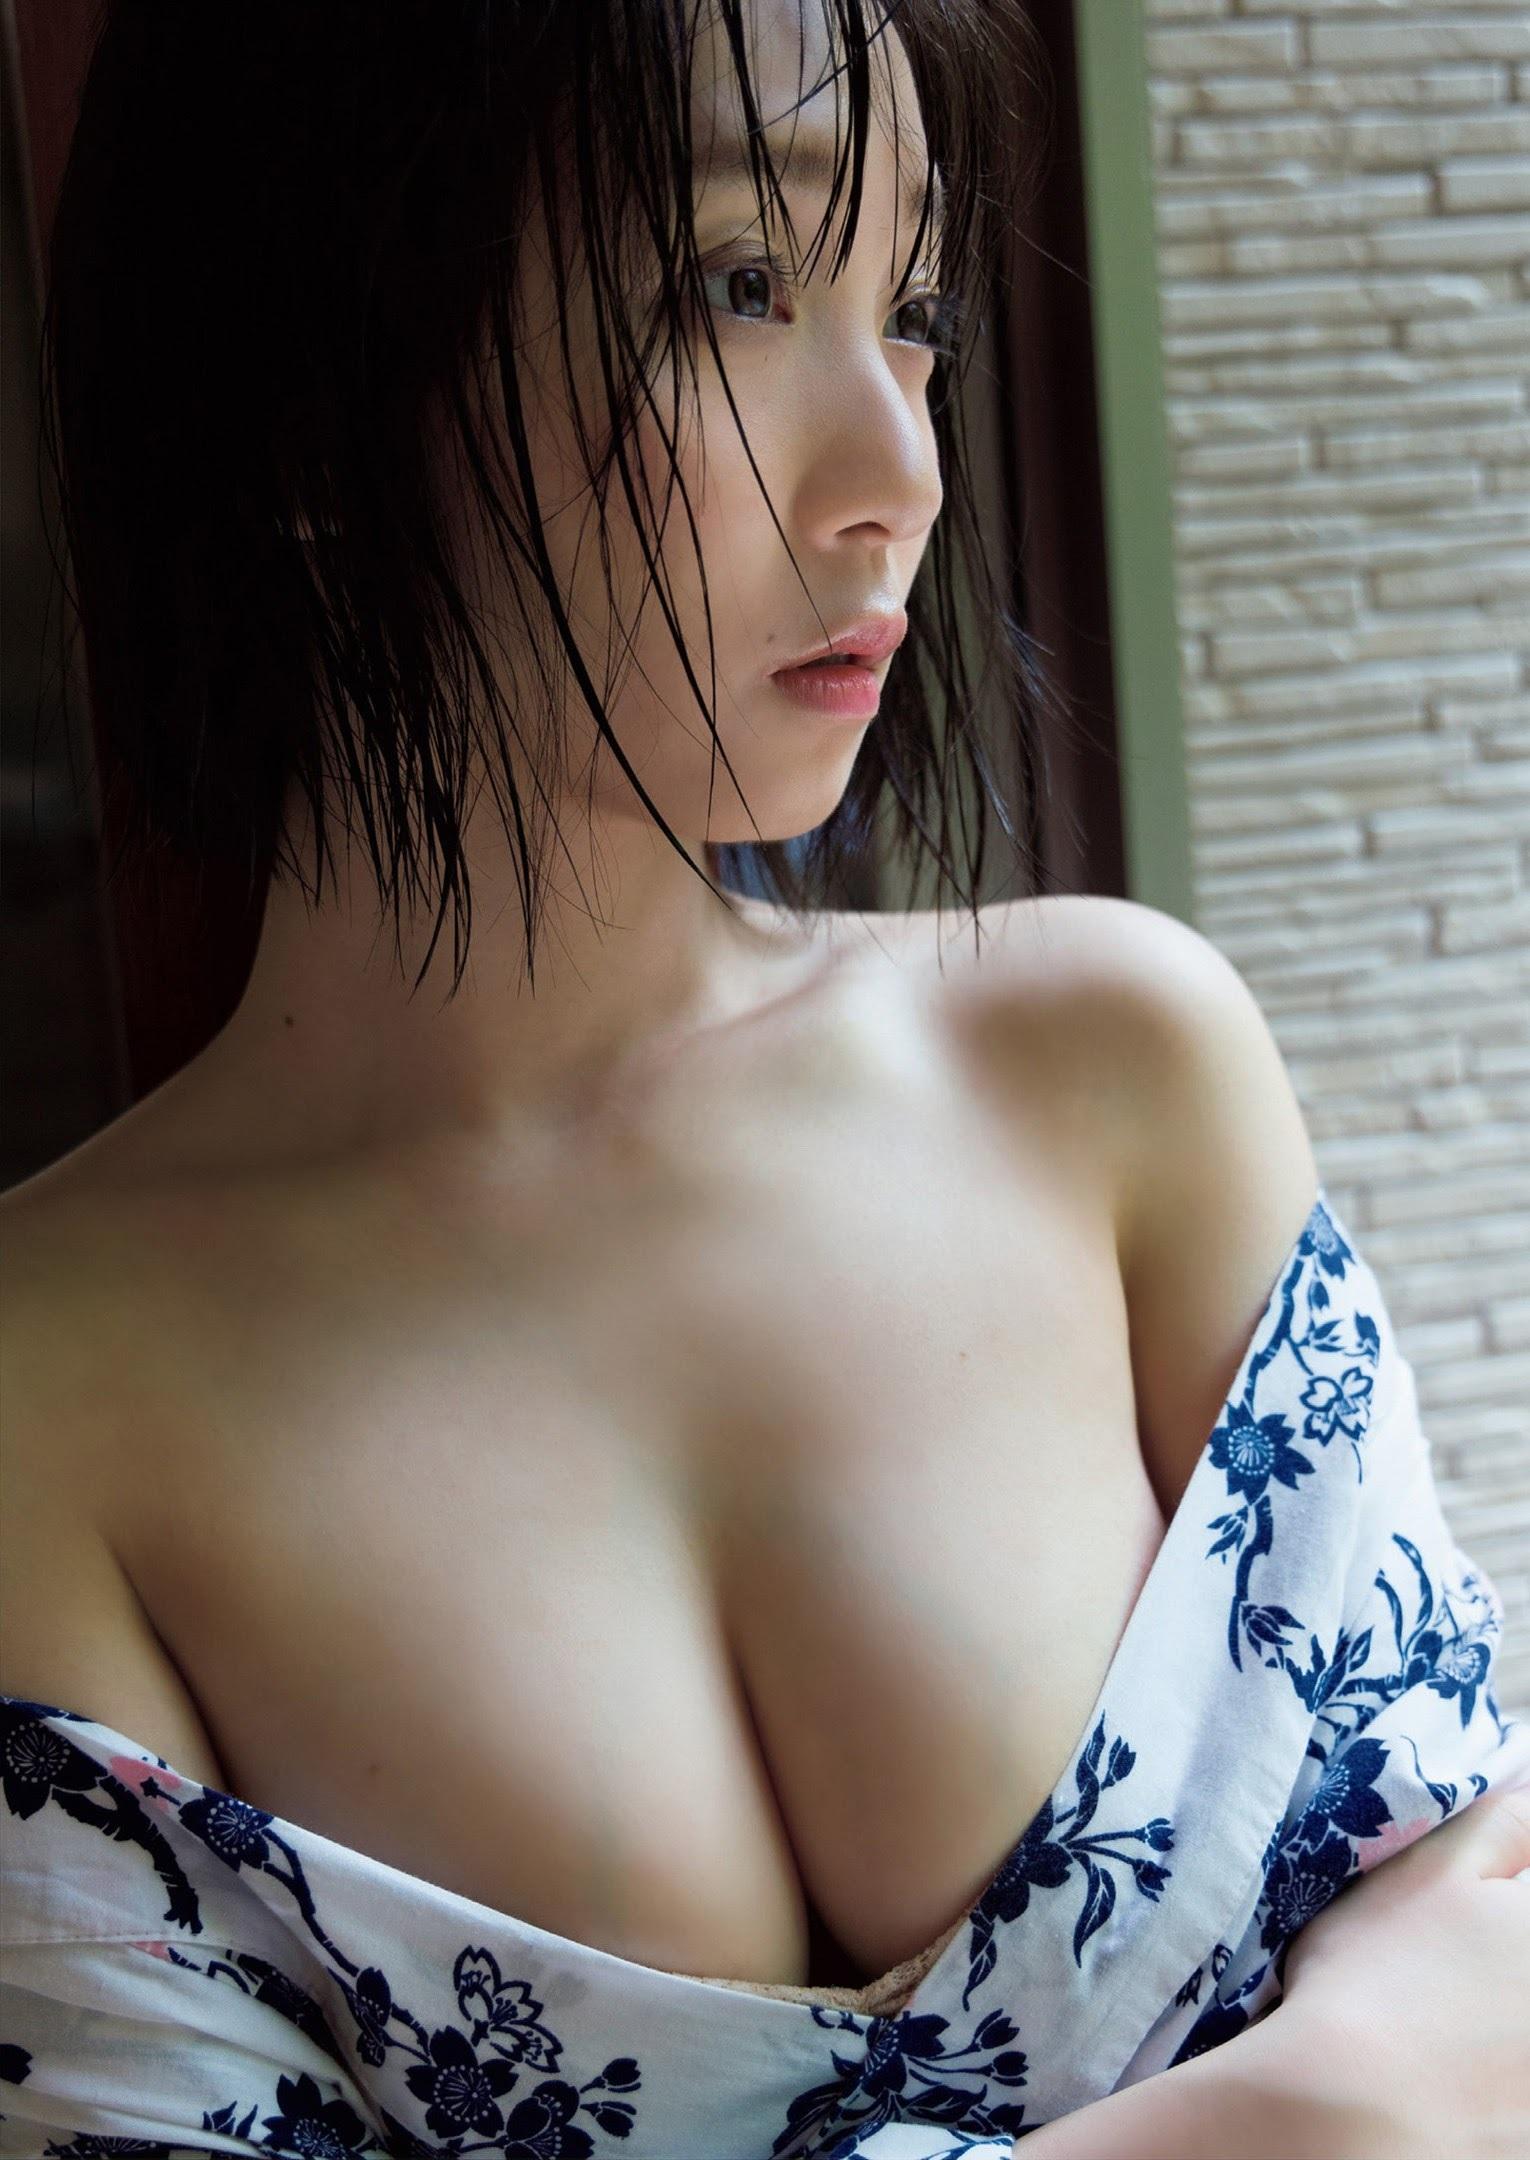 豊田ルナ 頓知気さきな あかせあかり 伊织萌-Weekly Playboy 2021年第三十五期 高清套图 第47张